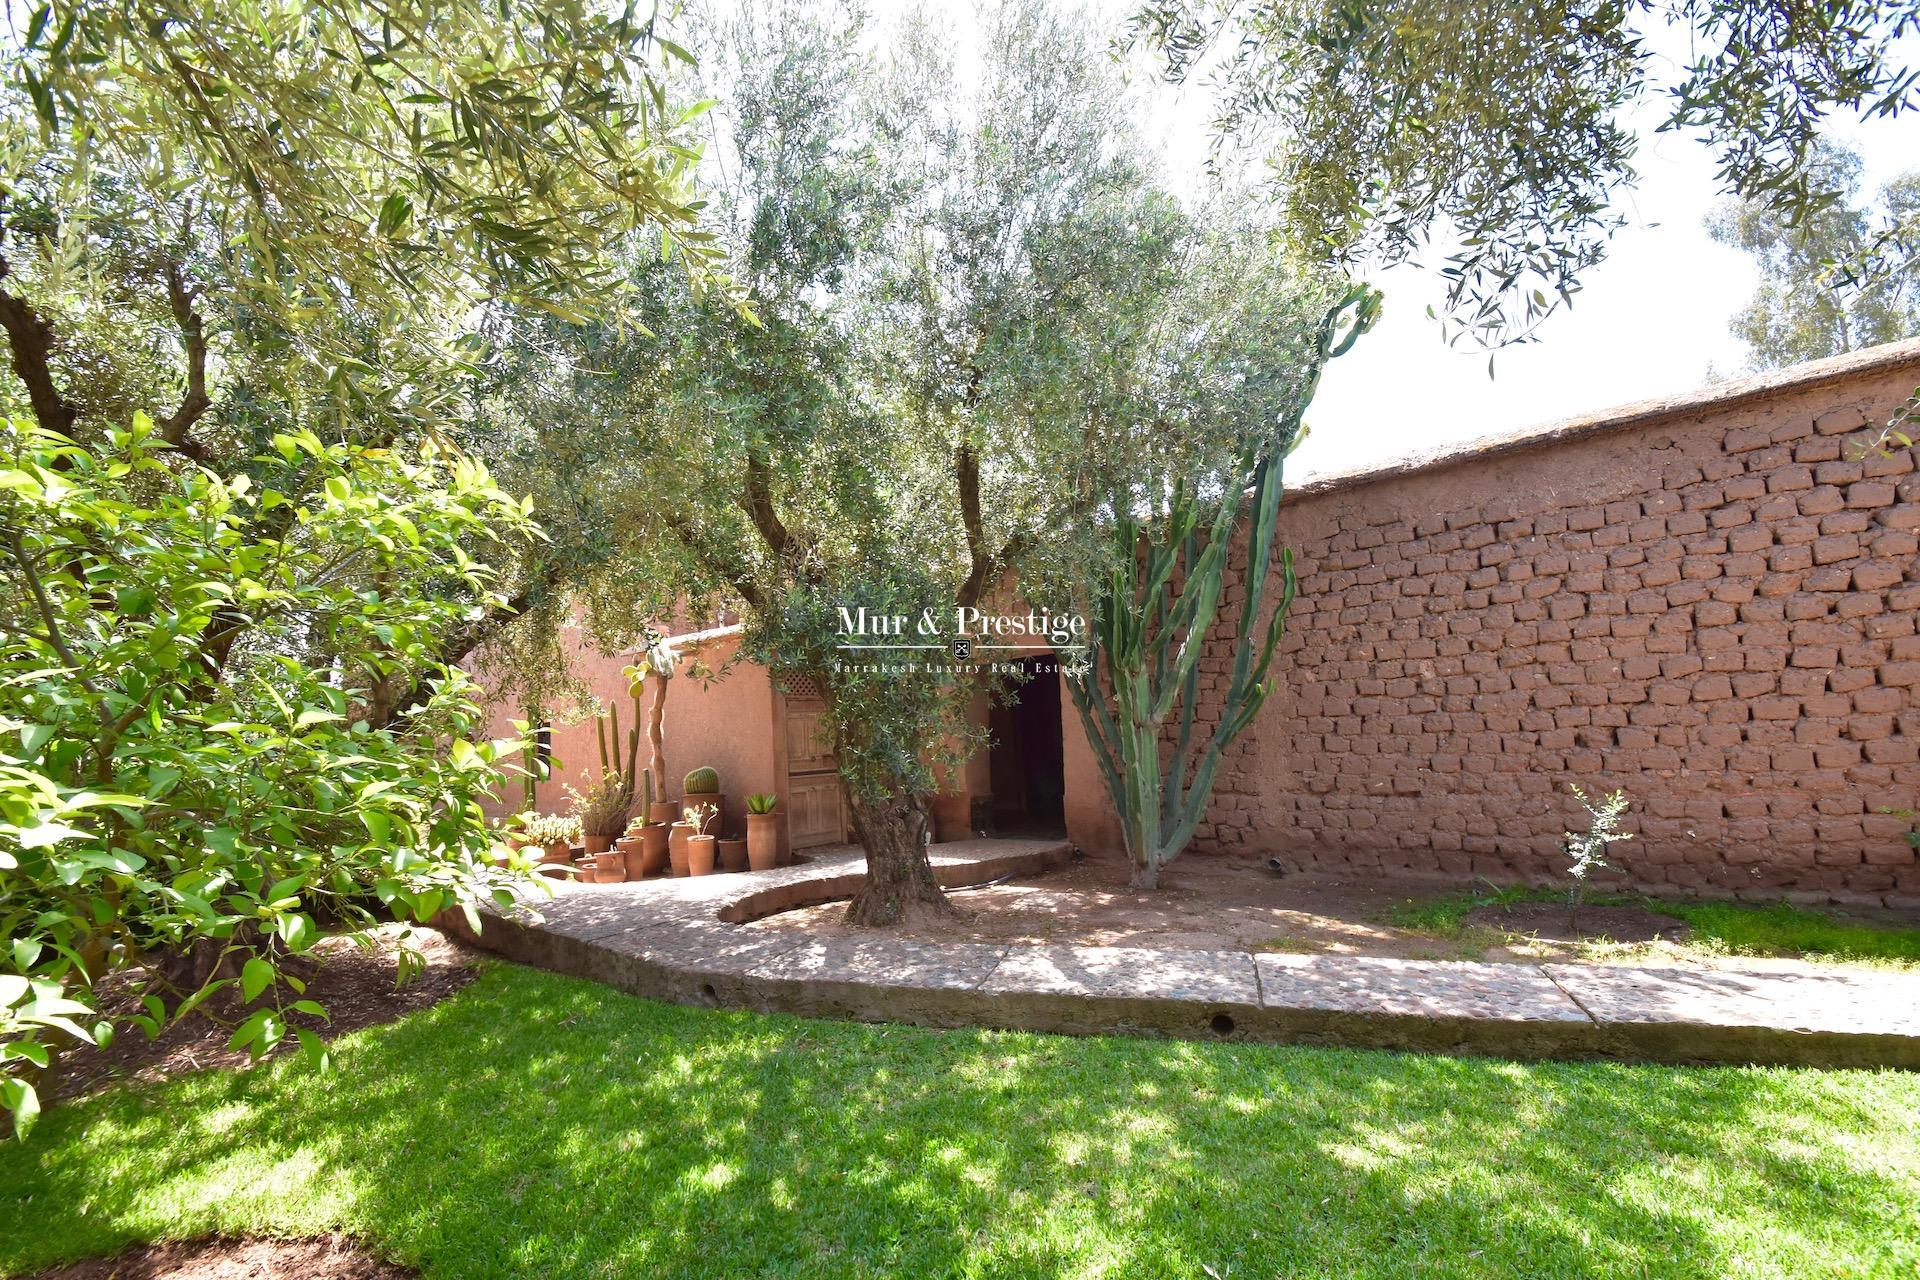 Maison d'hôtes de style ferme berbère à vendre